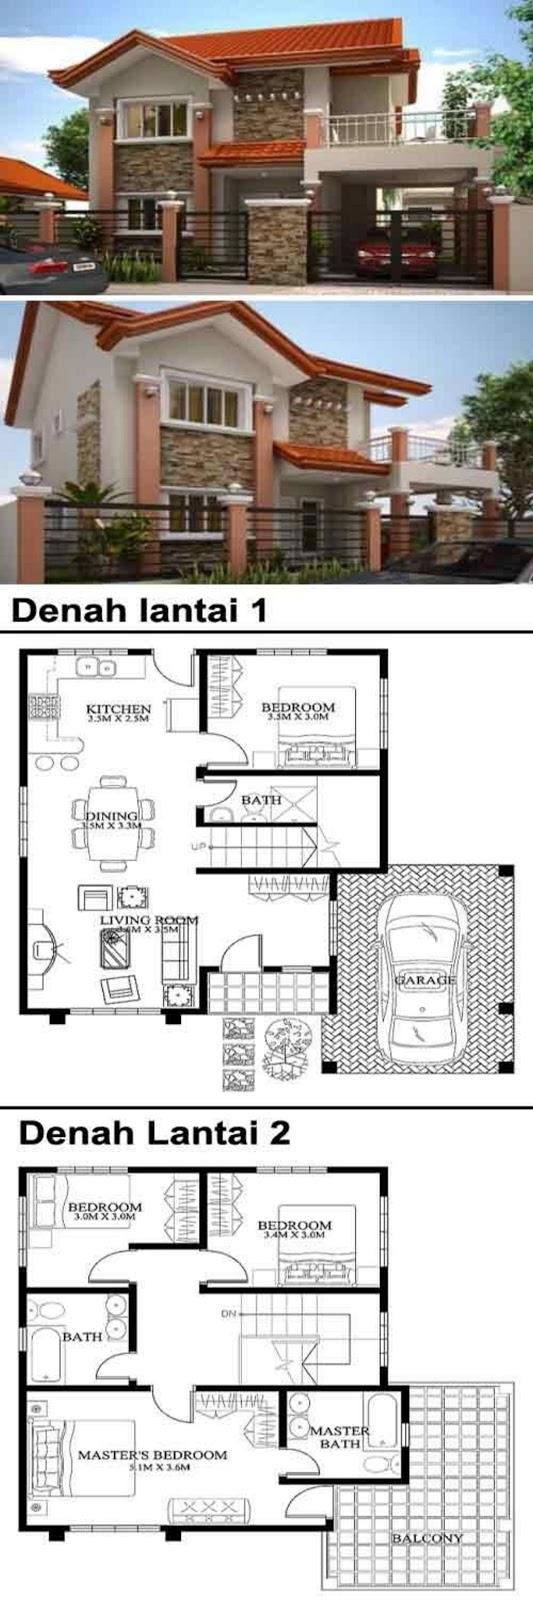 Rancangan Denah Rumah 2 Tingkat Type 45 Idaman